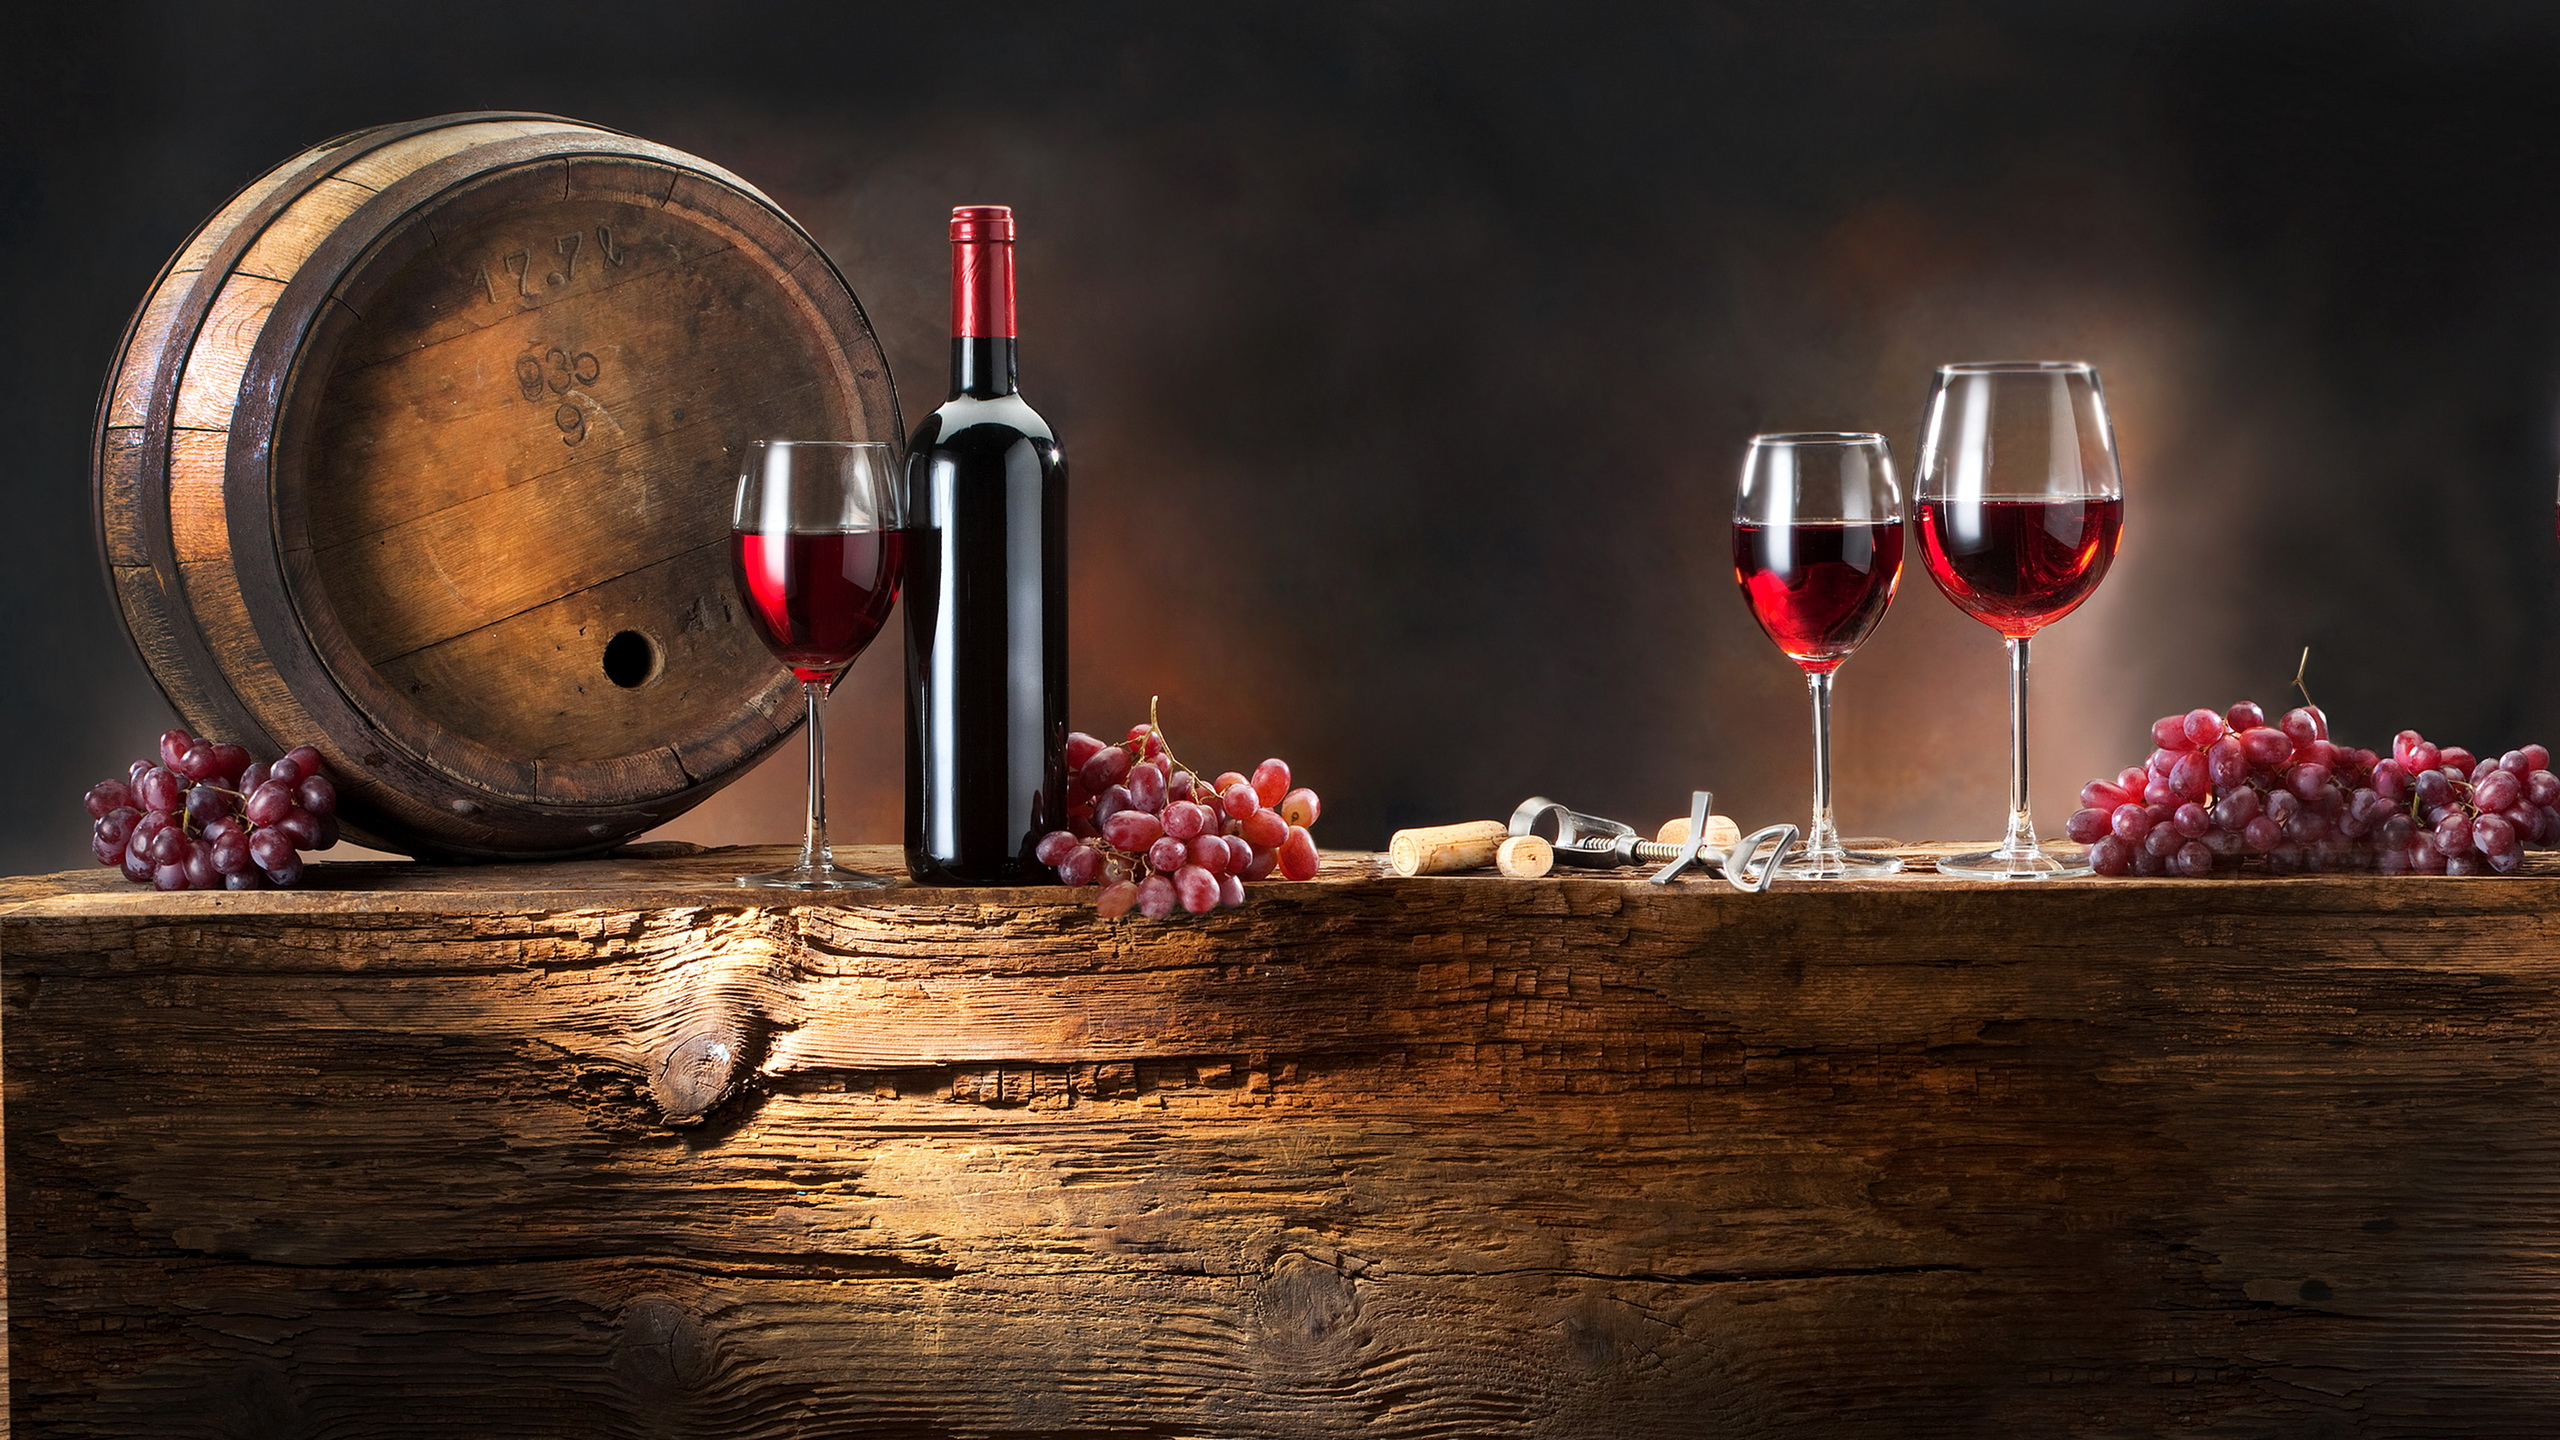 Wine computer wallpapers desktop backgrounds 2560x1440 for Cuisine wine